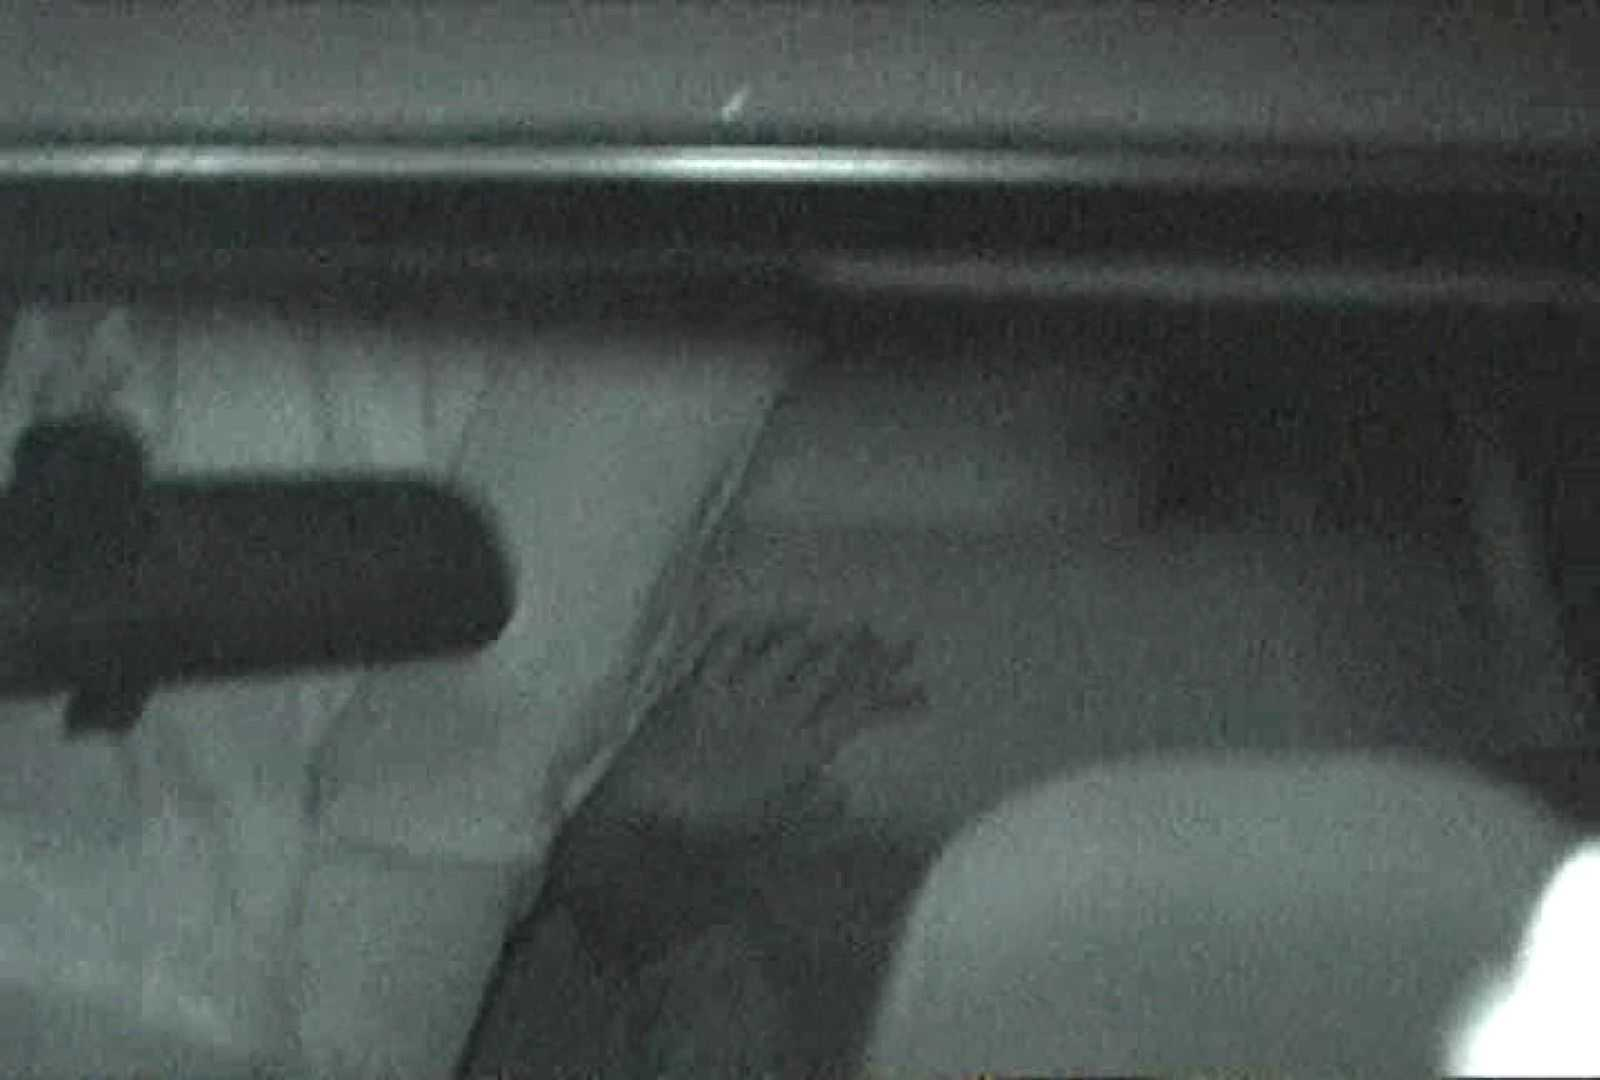 充血監督の深夜の運動会Vol.90 淫乱 すけべAV動画紹介 107画像 74